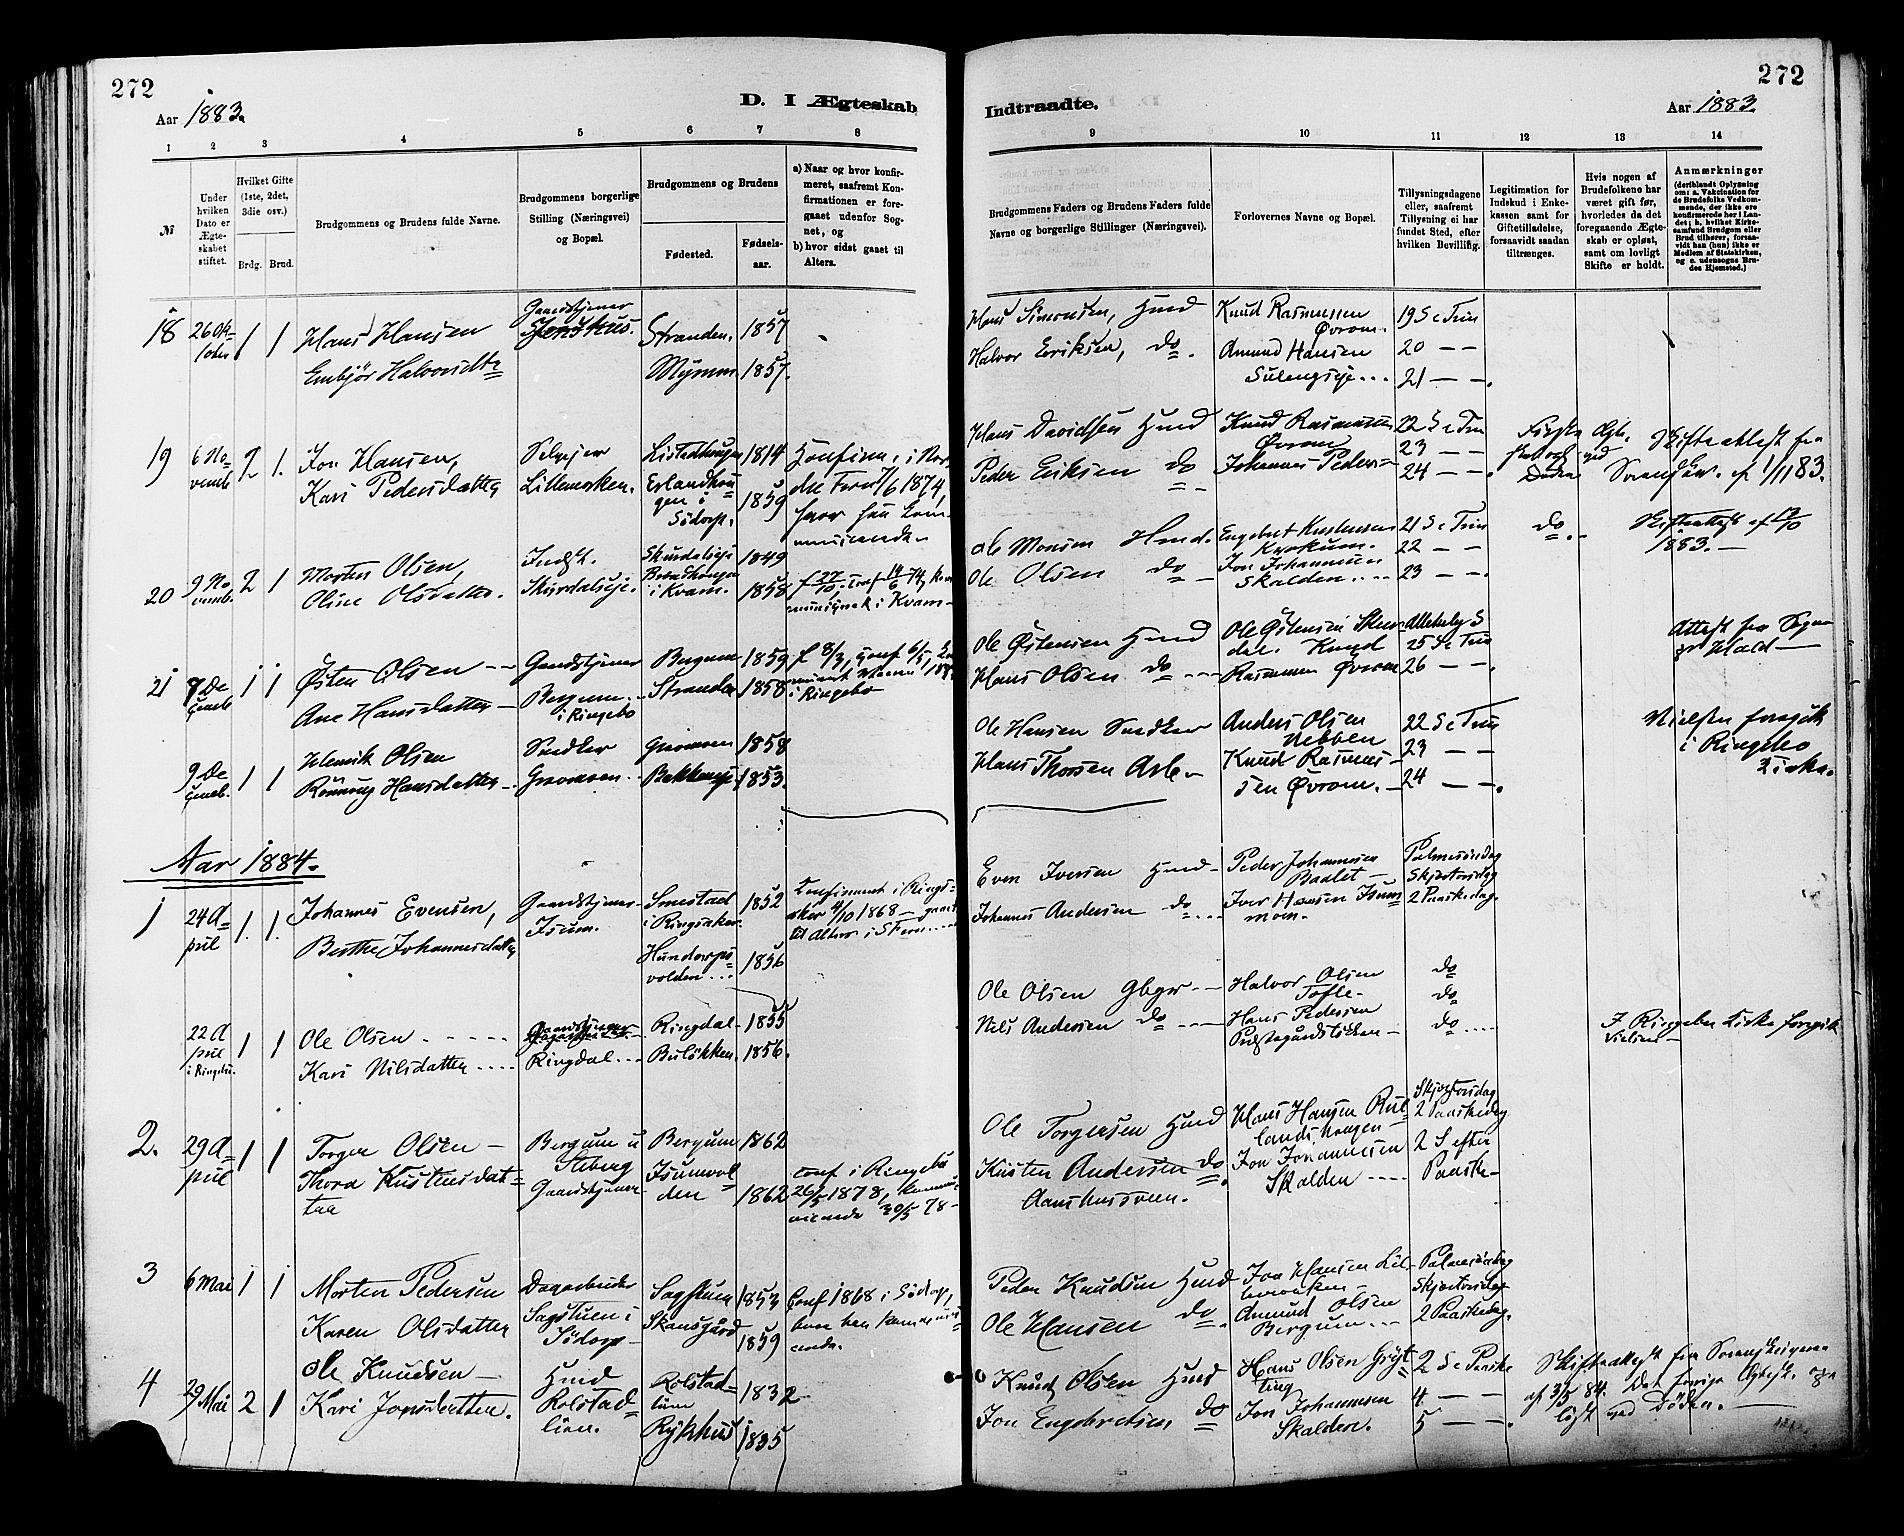 SAH, Sør-Fron prestekontor, H/Ha/Haa/L0003: Ministerialbok nr. 3, 1881-1897, s. 272